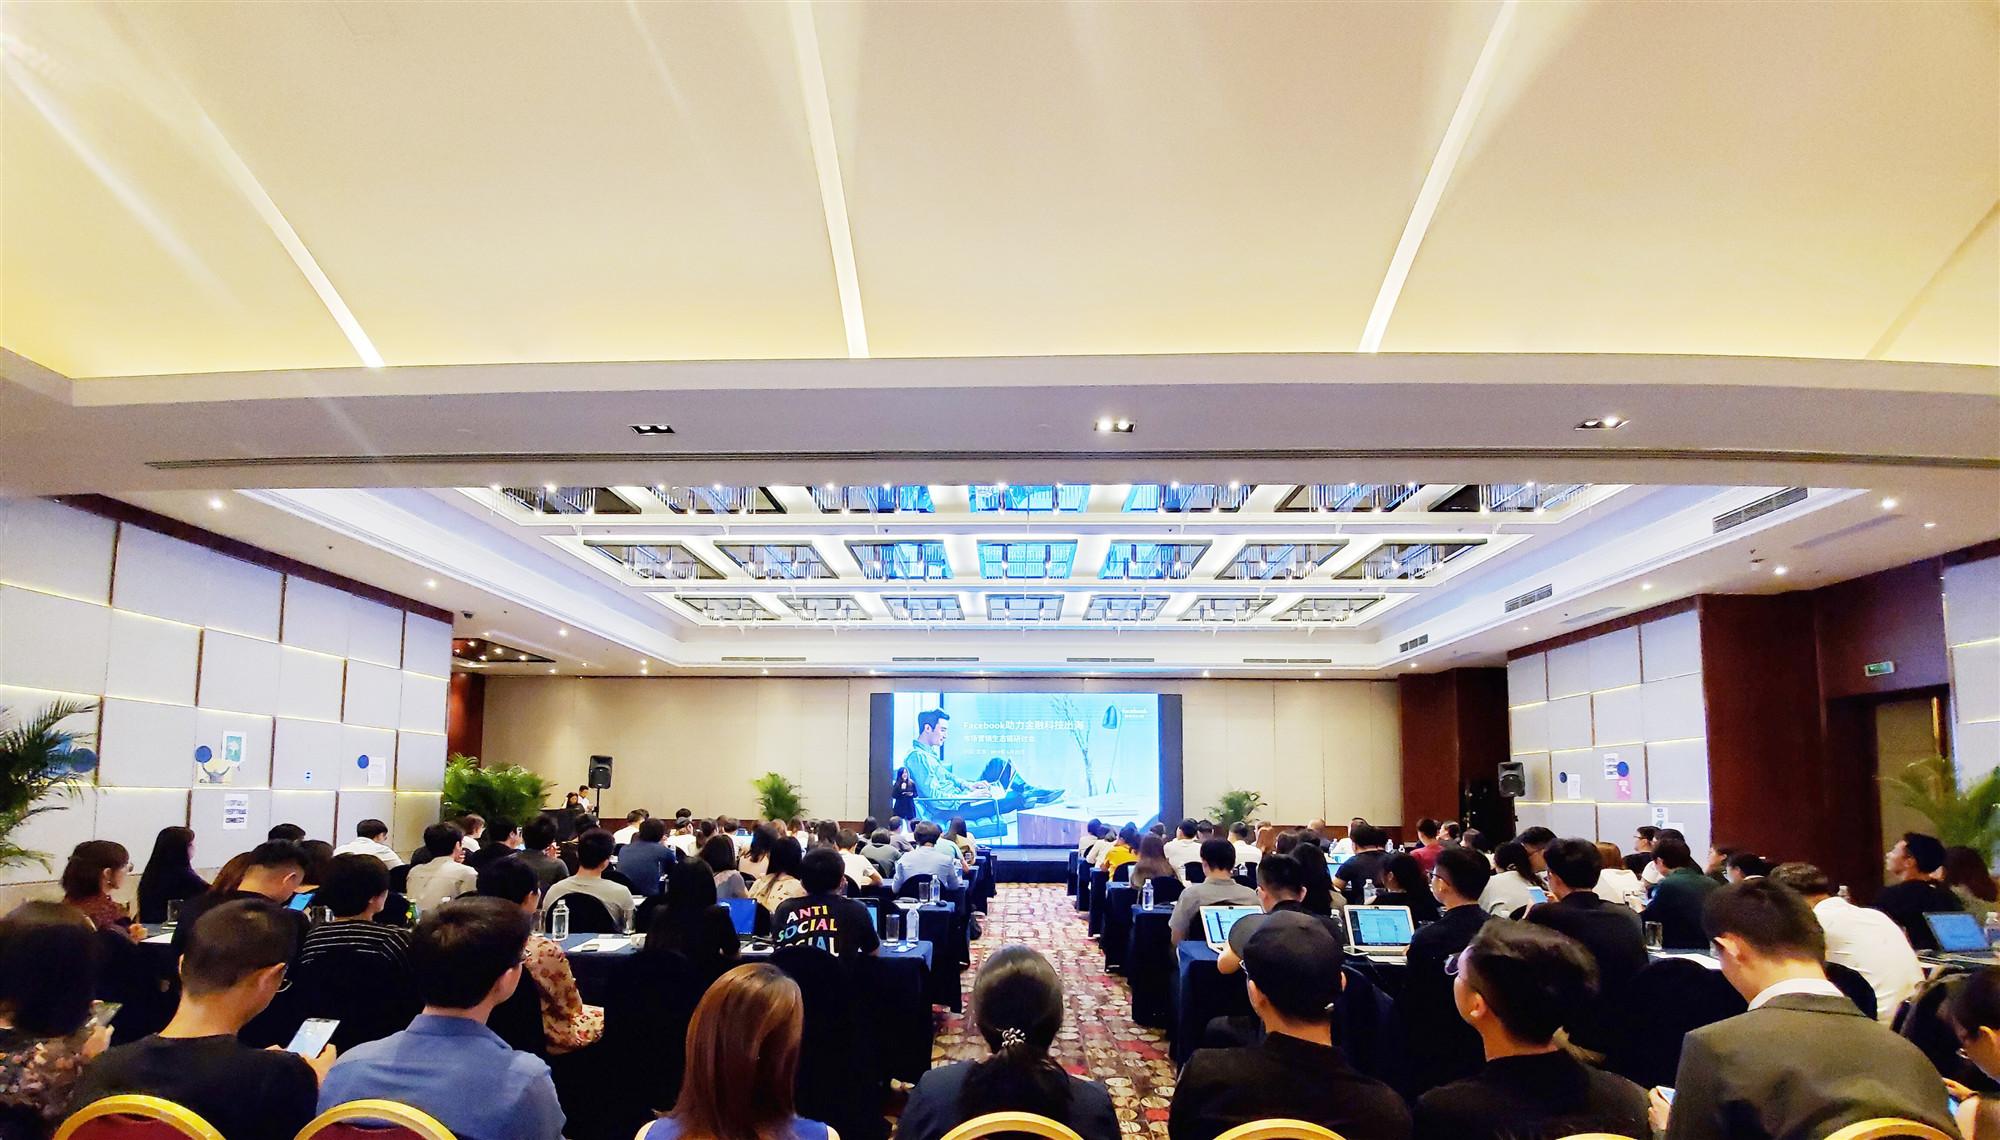 仔仔现场丨Facebook北京举办金融科技出海研讨会,众多一线大咖齐力打造完美闭环生态链,本文揭晓!